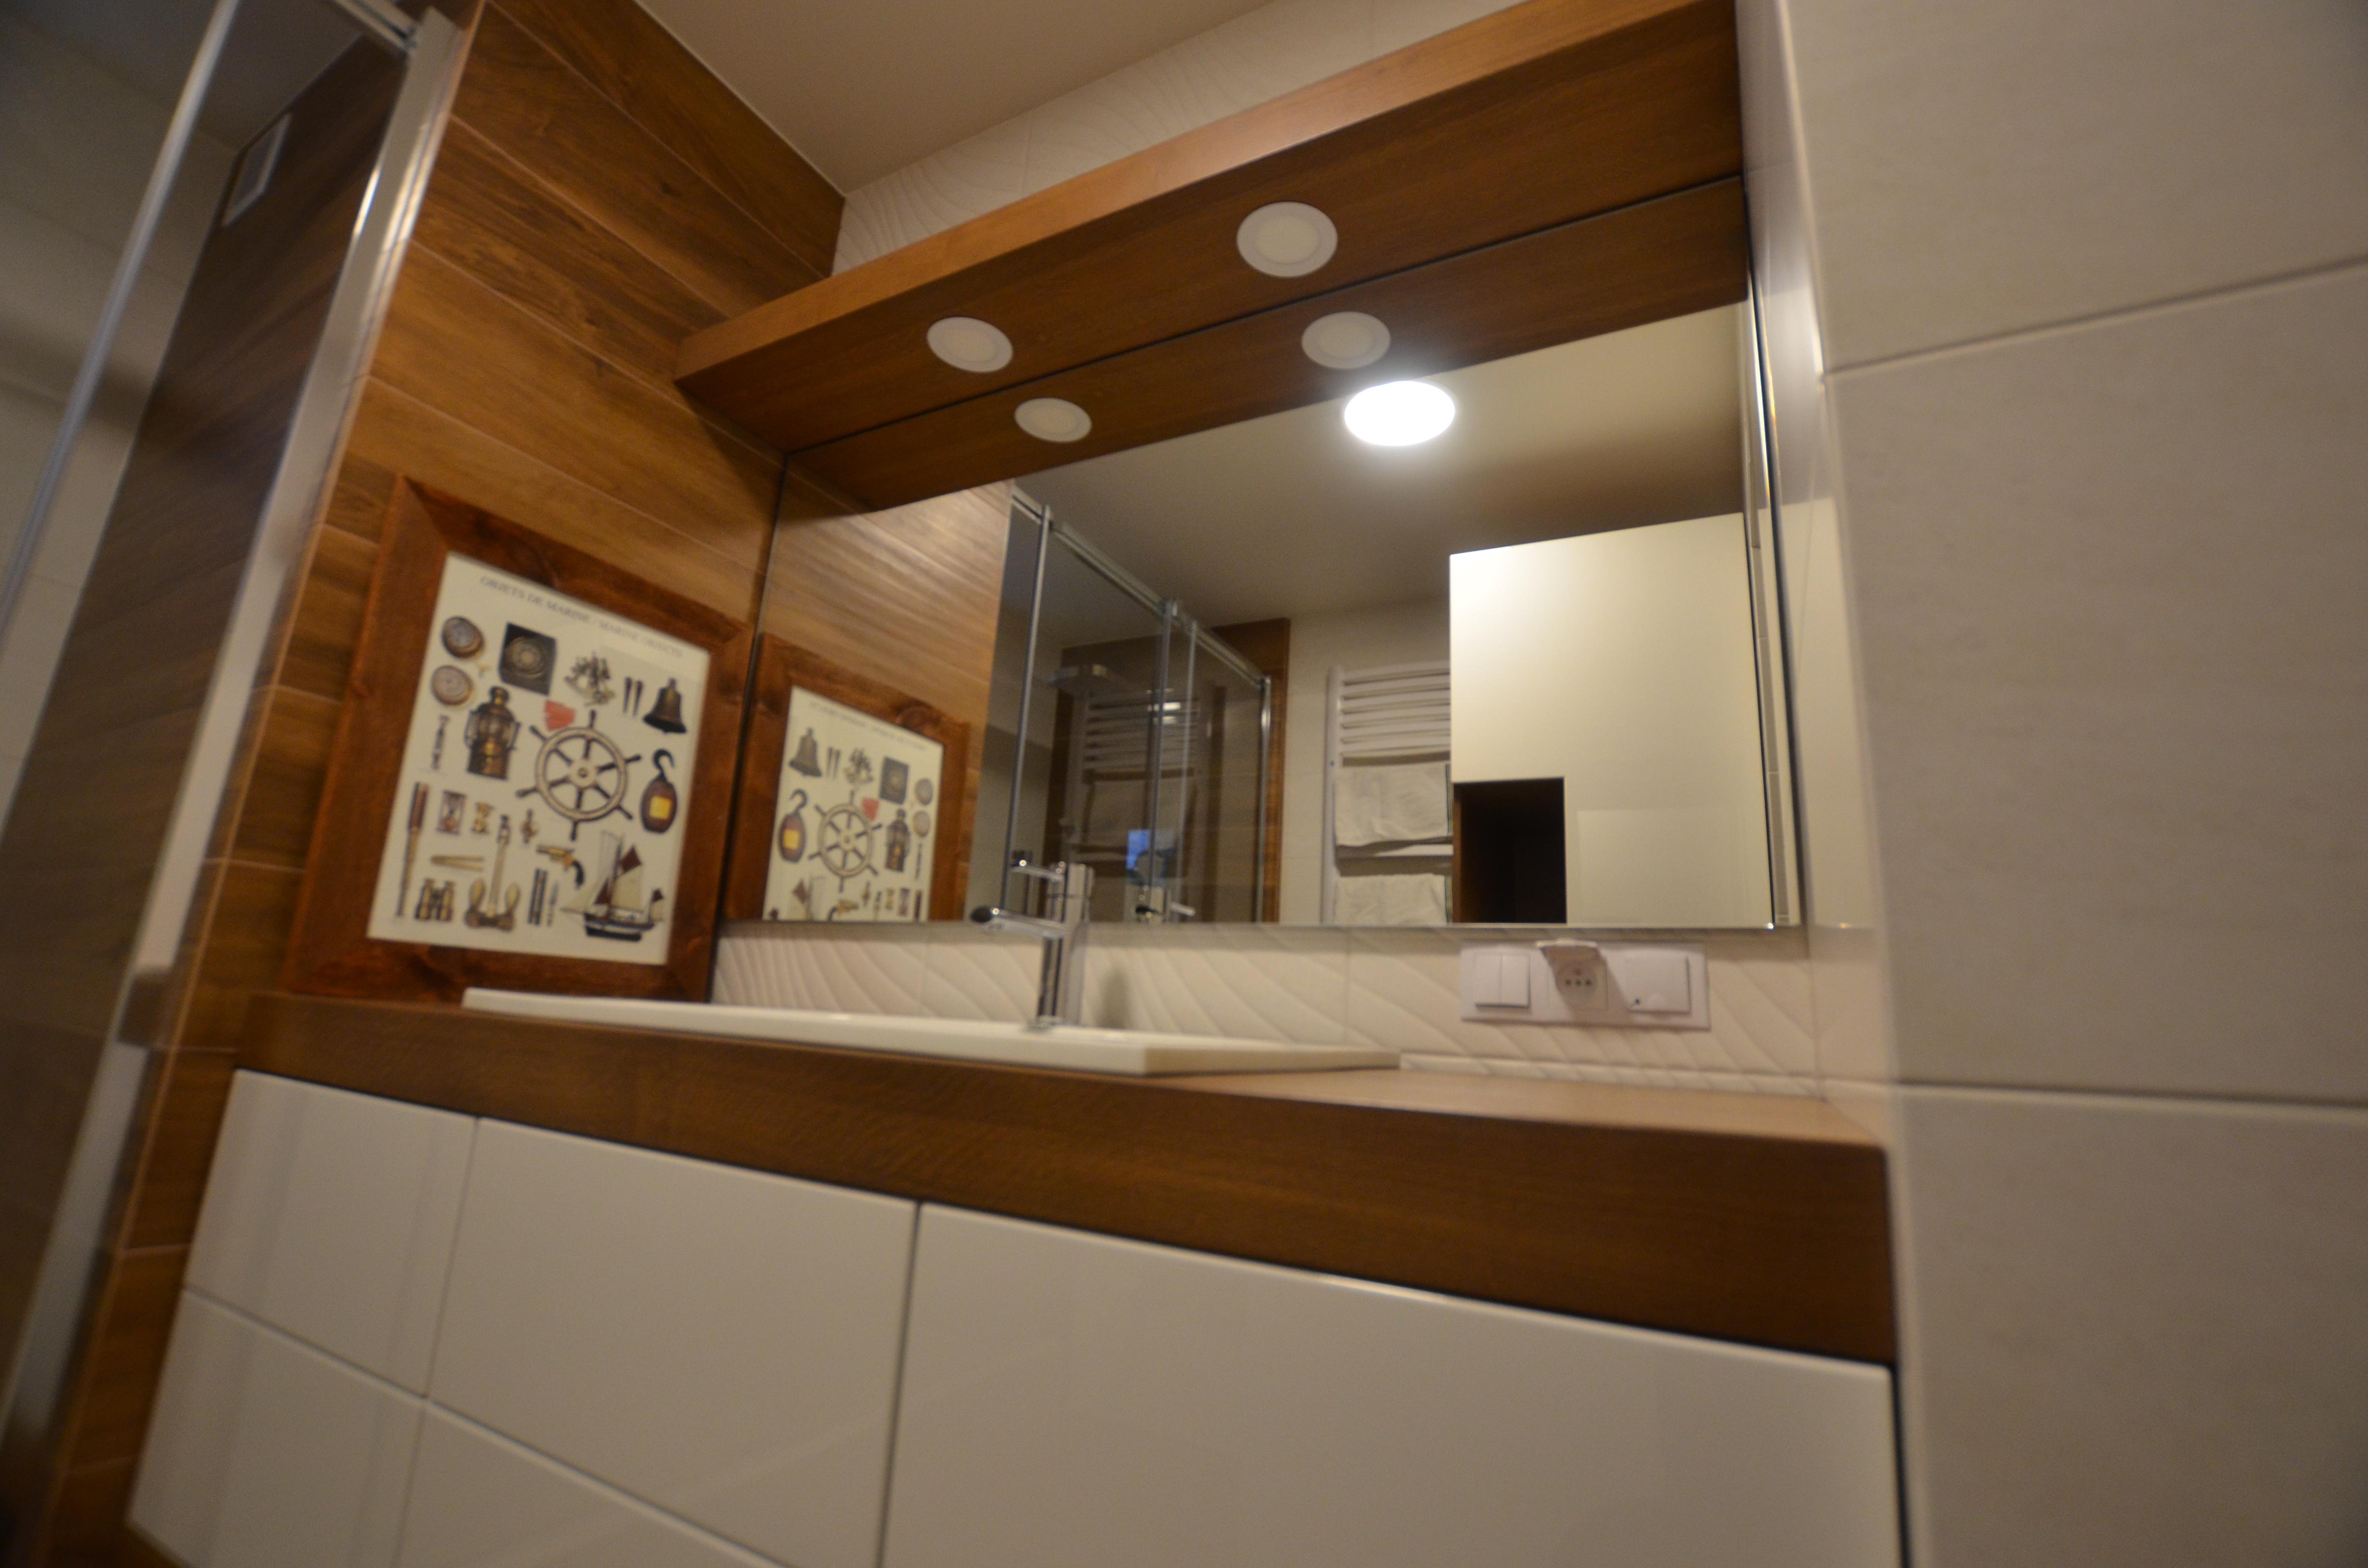 dębowe meble w łazience